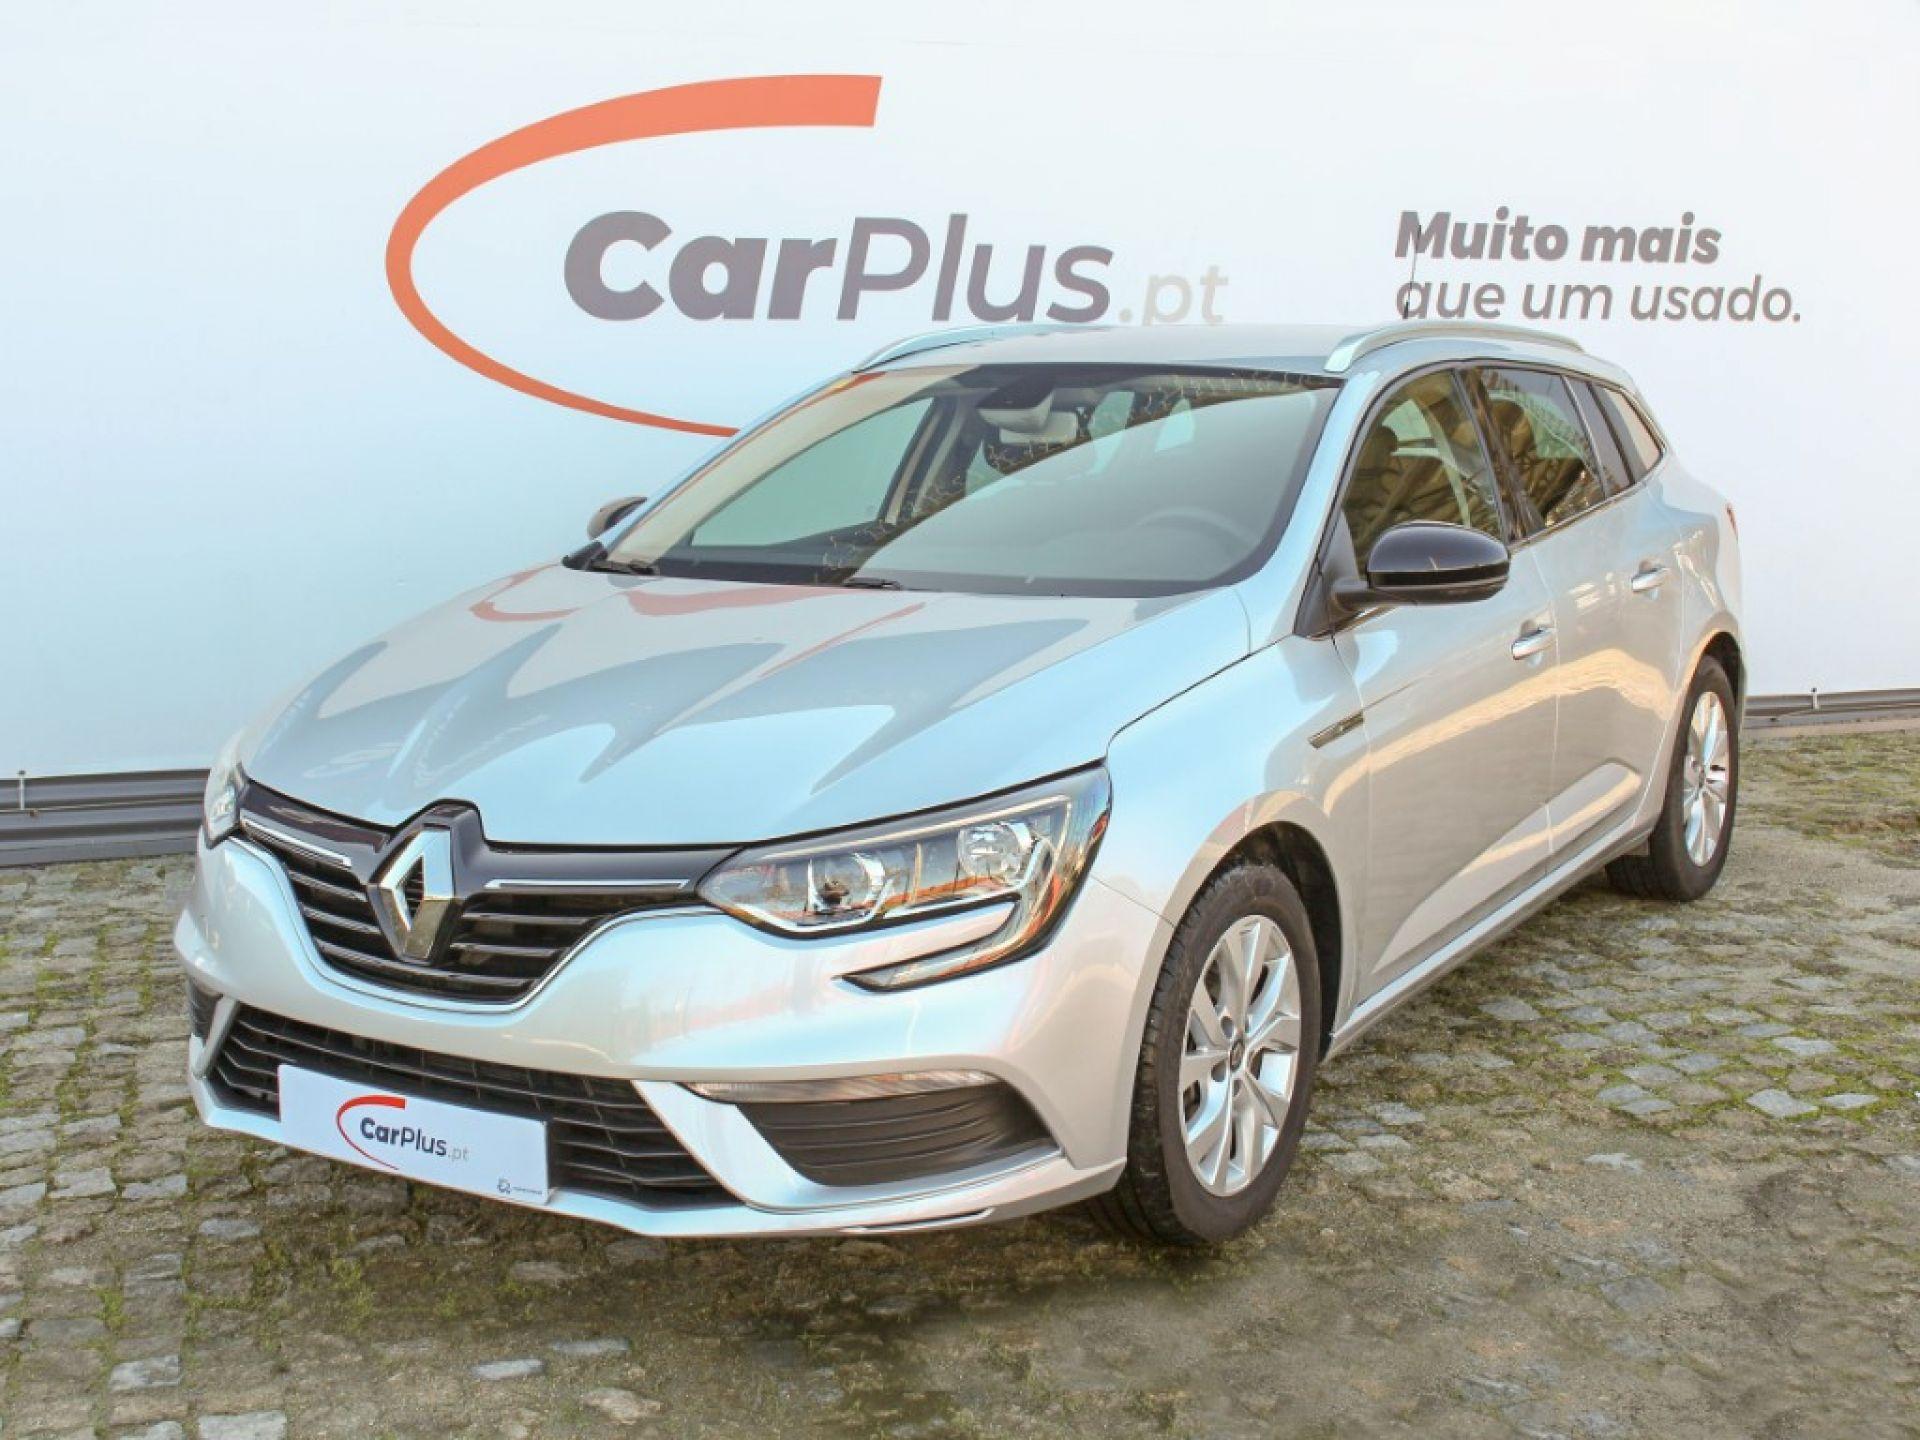 Renault Megane ST 1.3 TCe 115cv FAP Limited segunda mão Porto